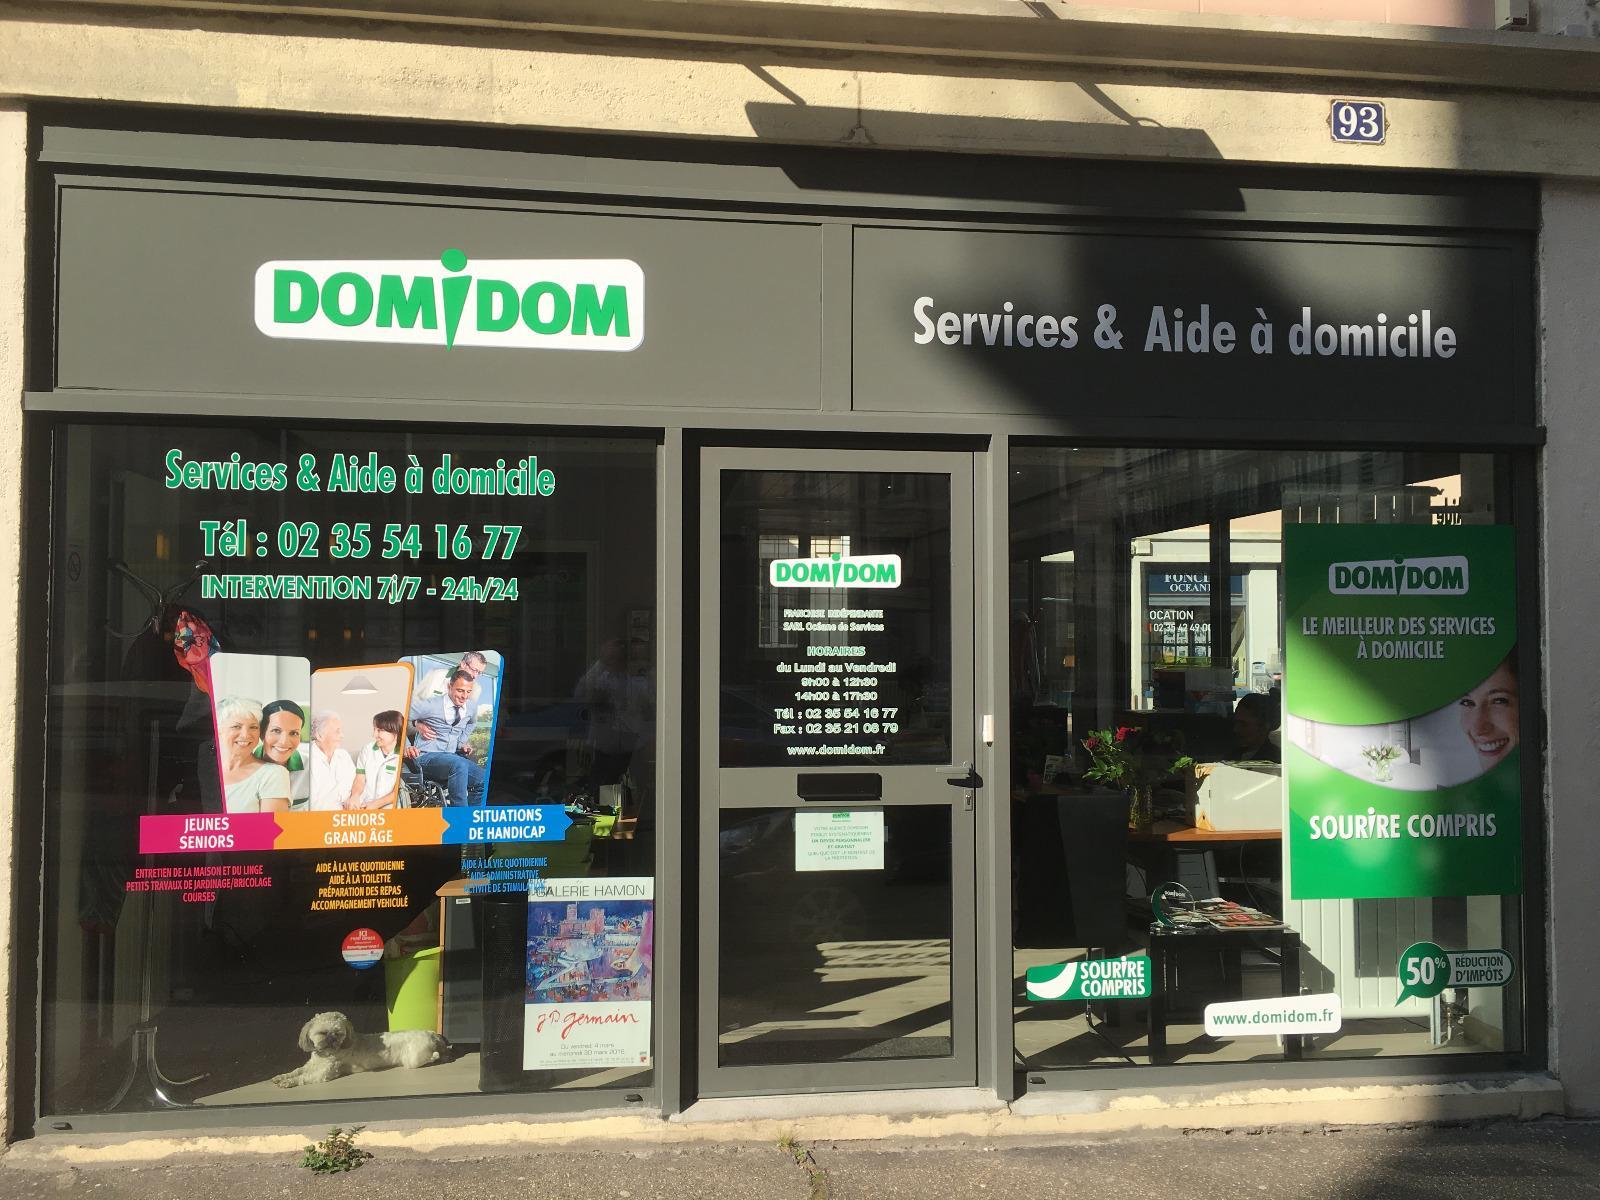 Photos - Services à domicile - Domidom - Le Havre (8)